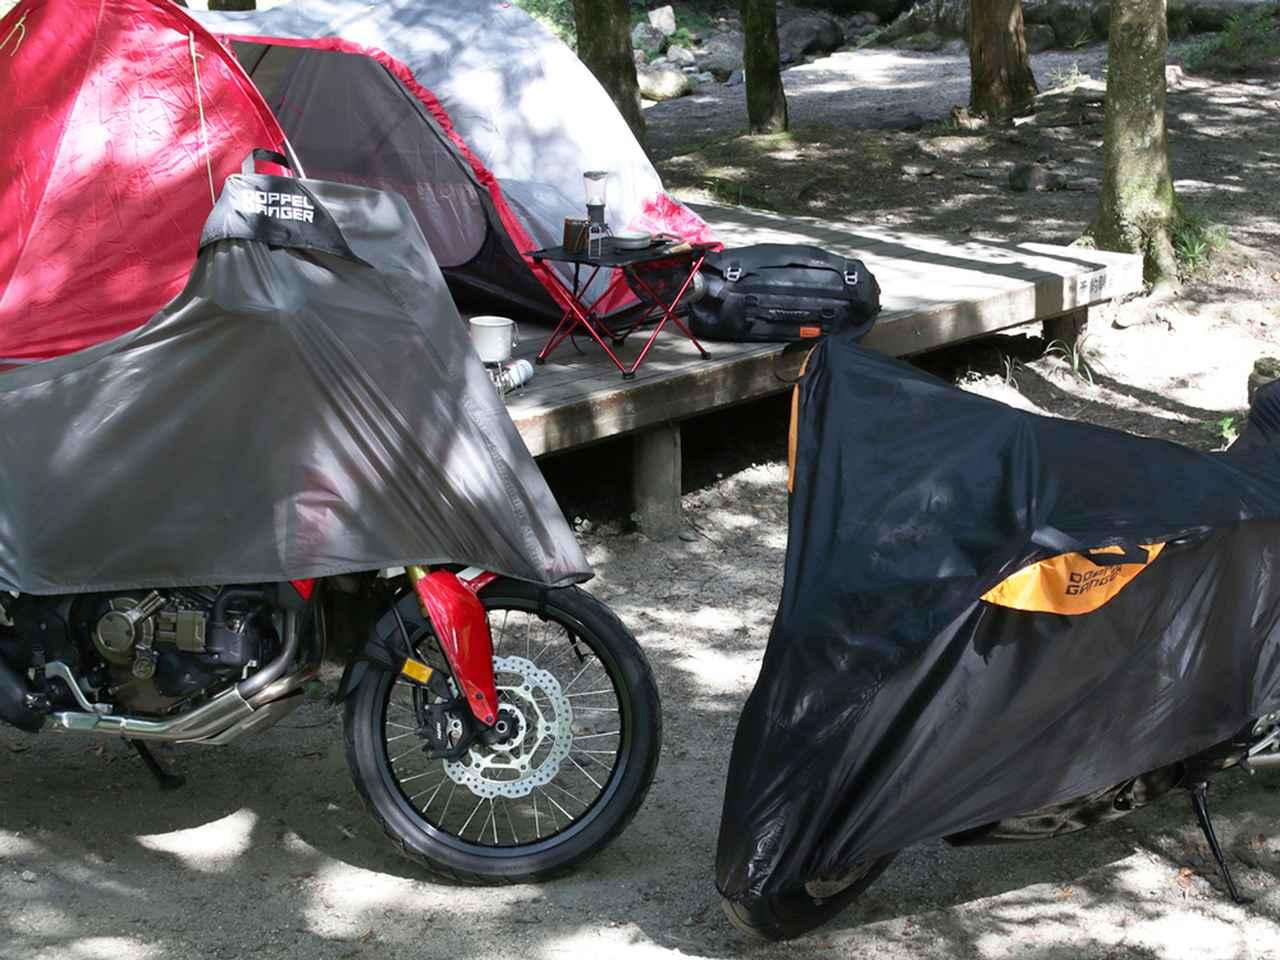 今後キャンプツーリングに行くなら、この「ハーフ」カバーは必携かも